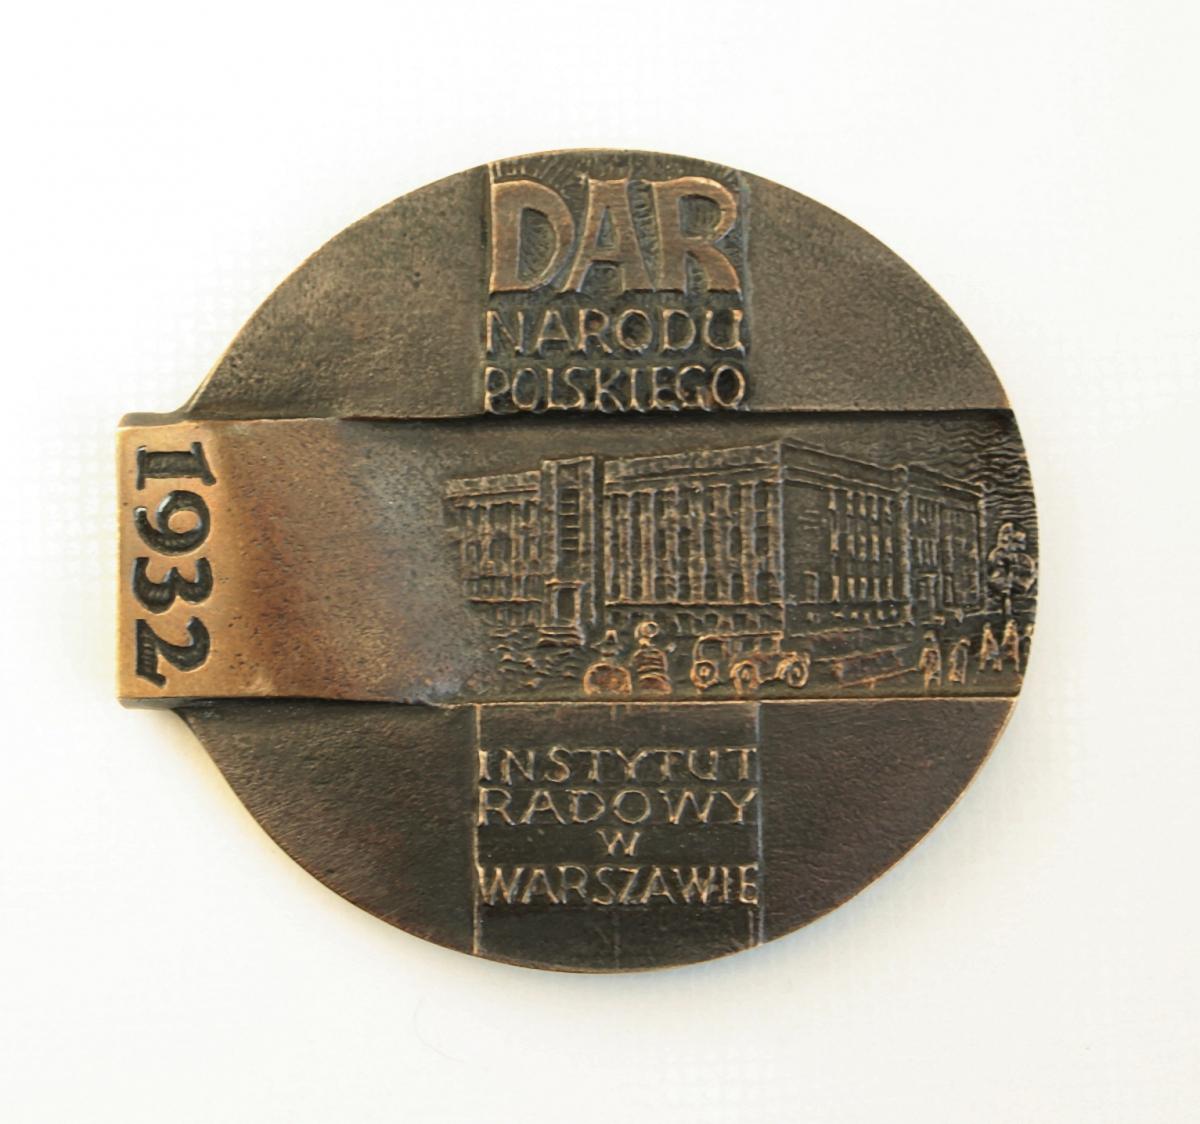 Wąsacz Józef - 75 lat Centrum Onkologii w Warszawie (rewers) – brąz, 9,2 x 8,2 cm, 2007